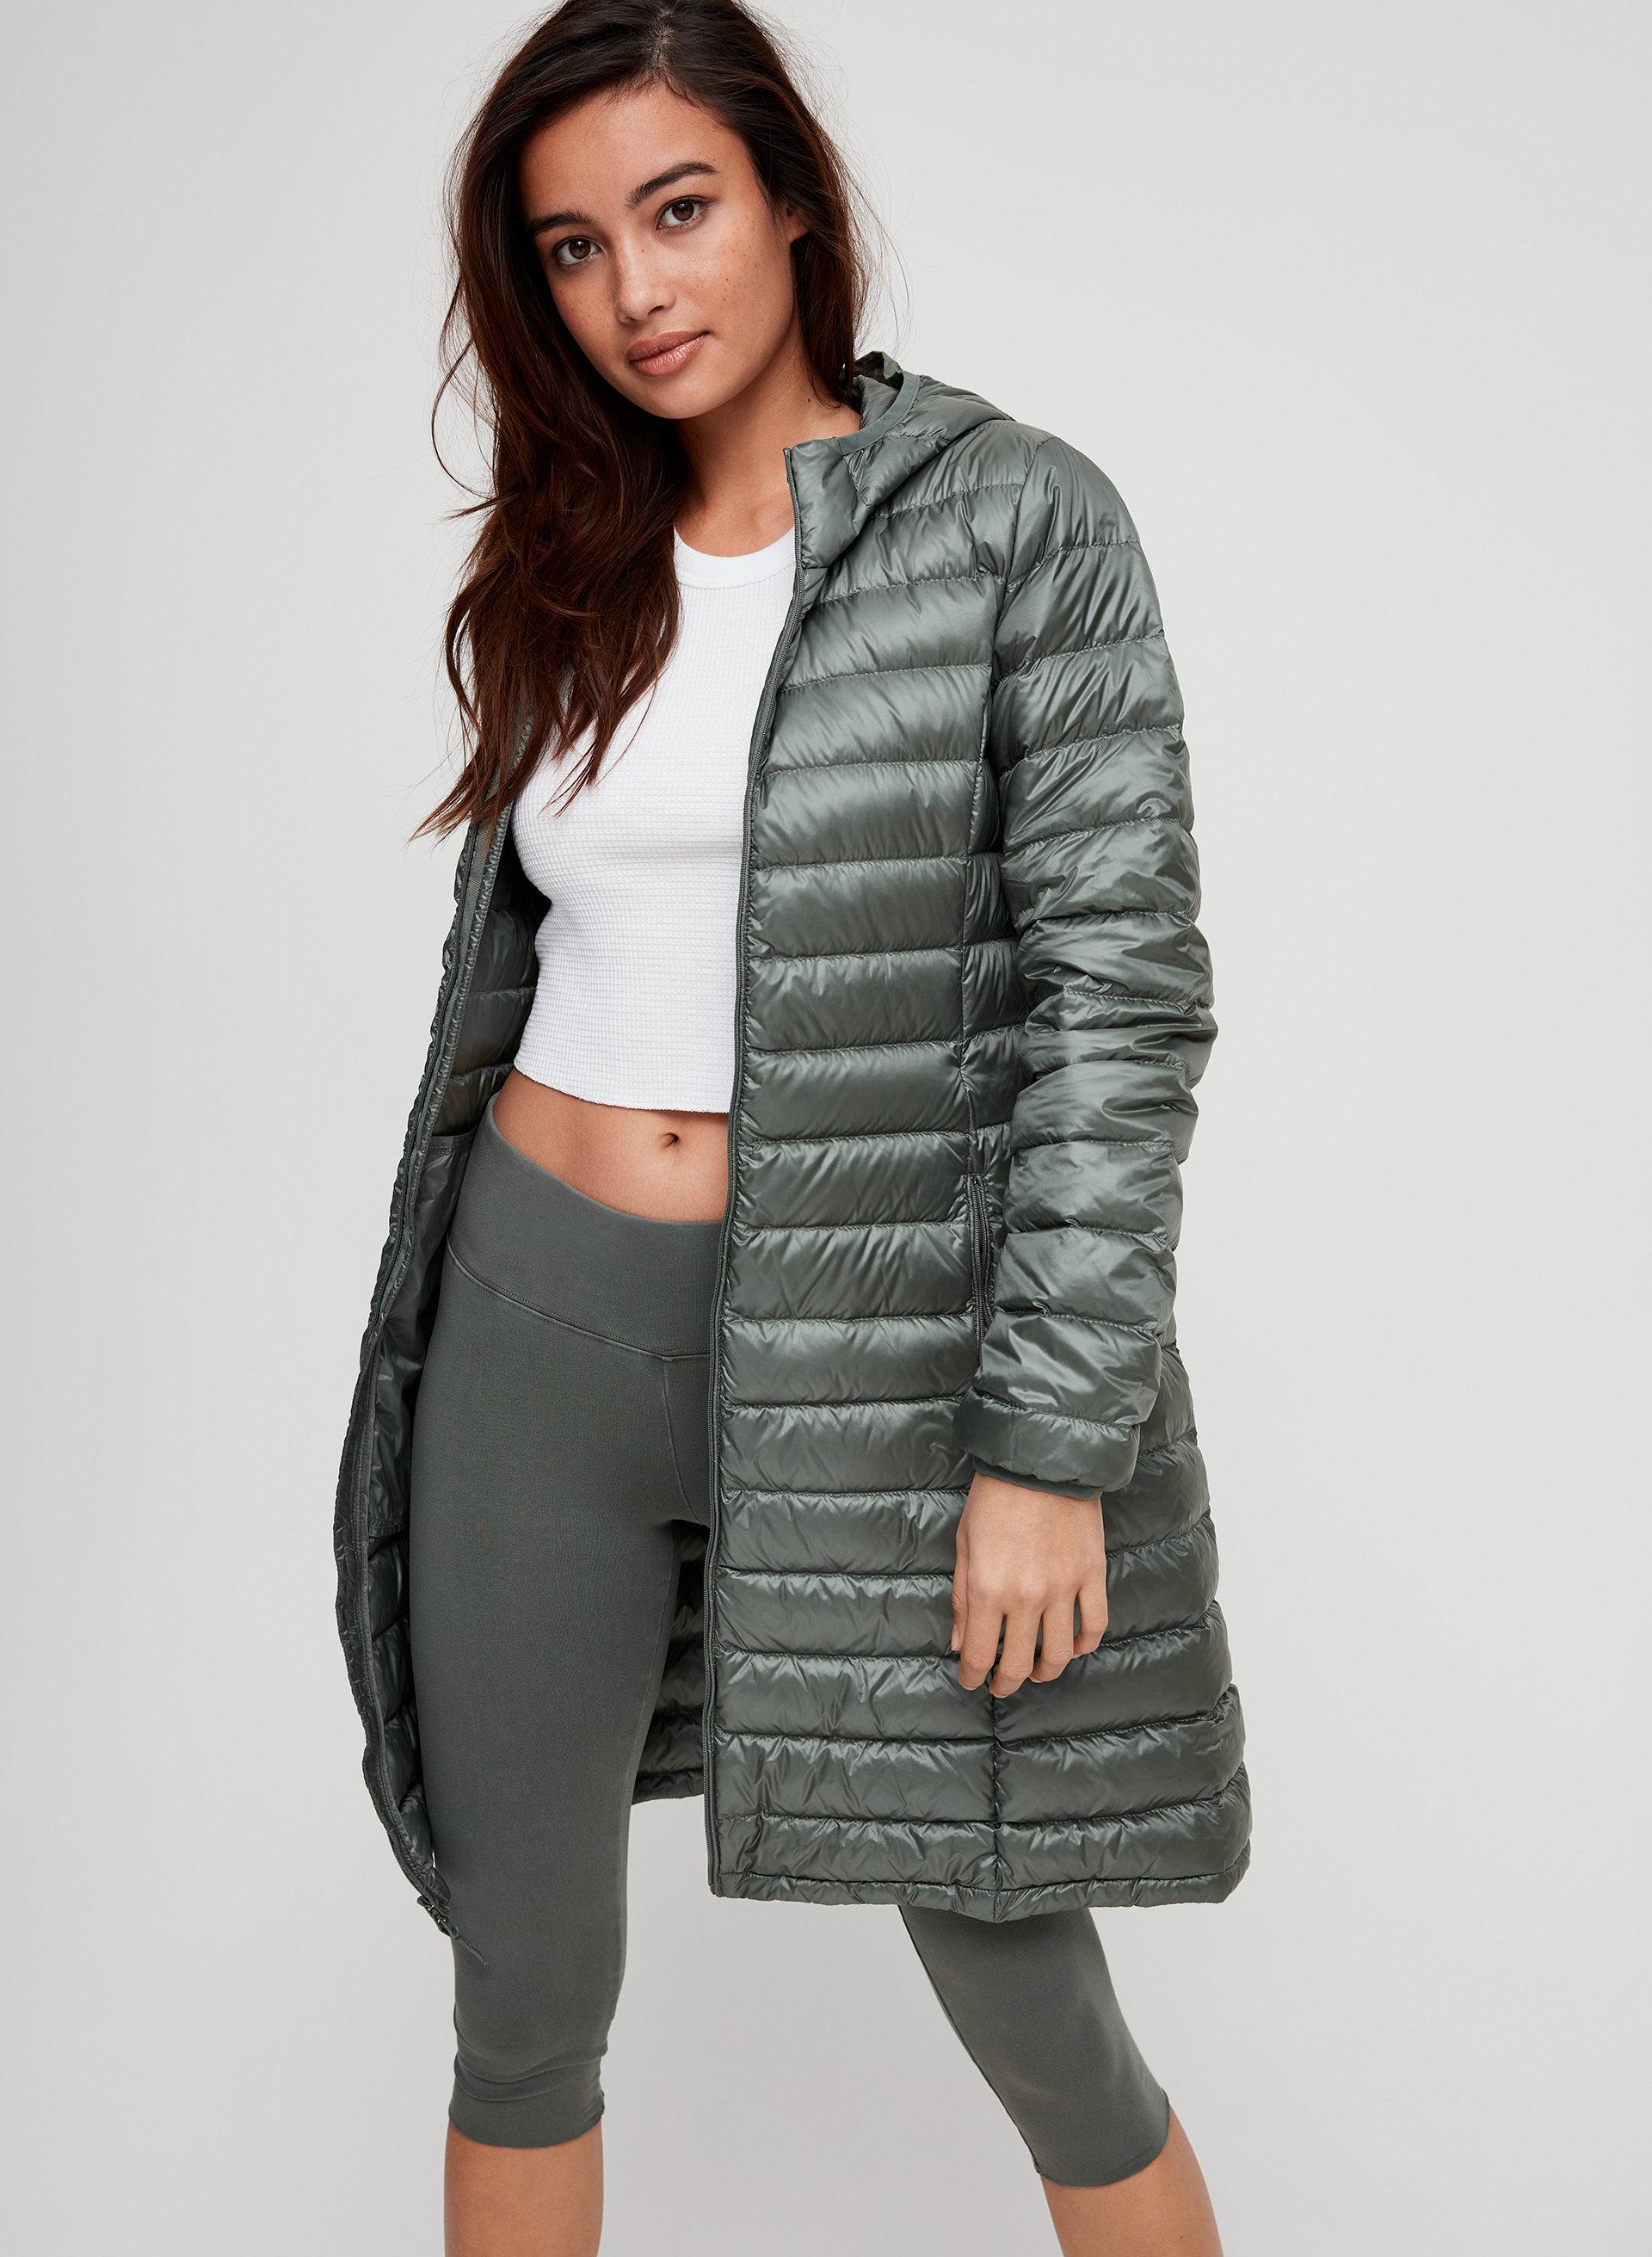 e9eadfadd61 botanie long puffer Packable, goose-down puffer jacket